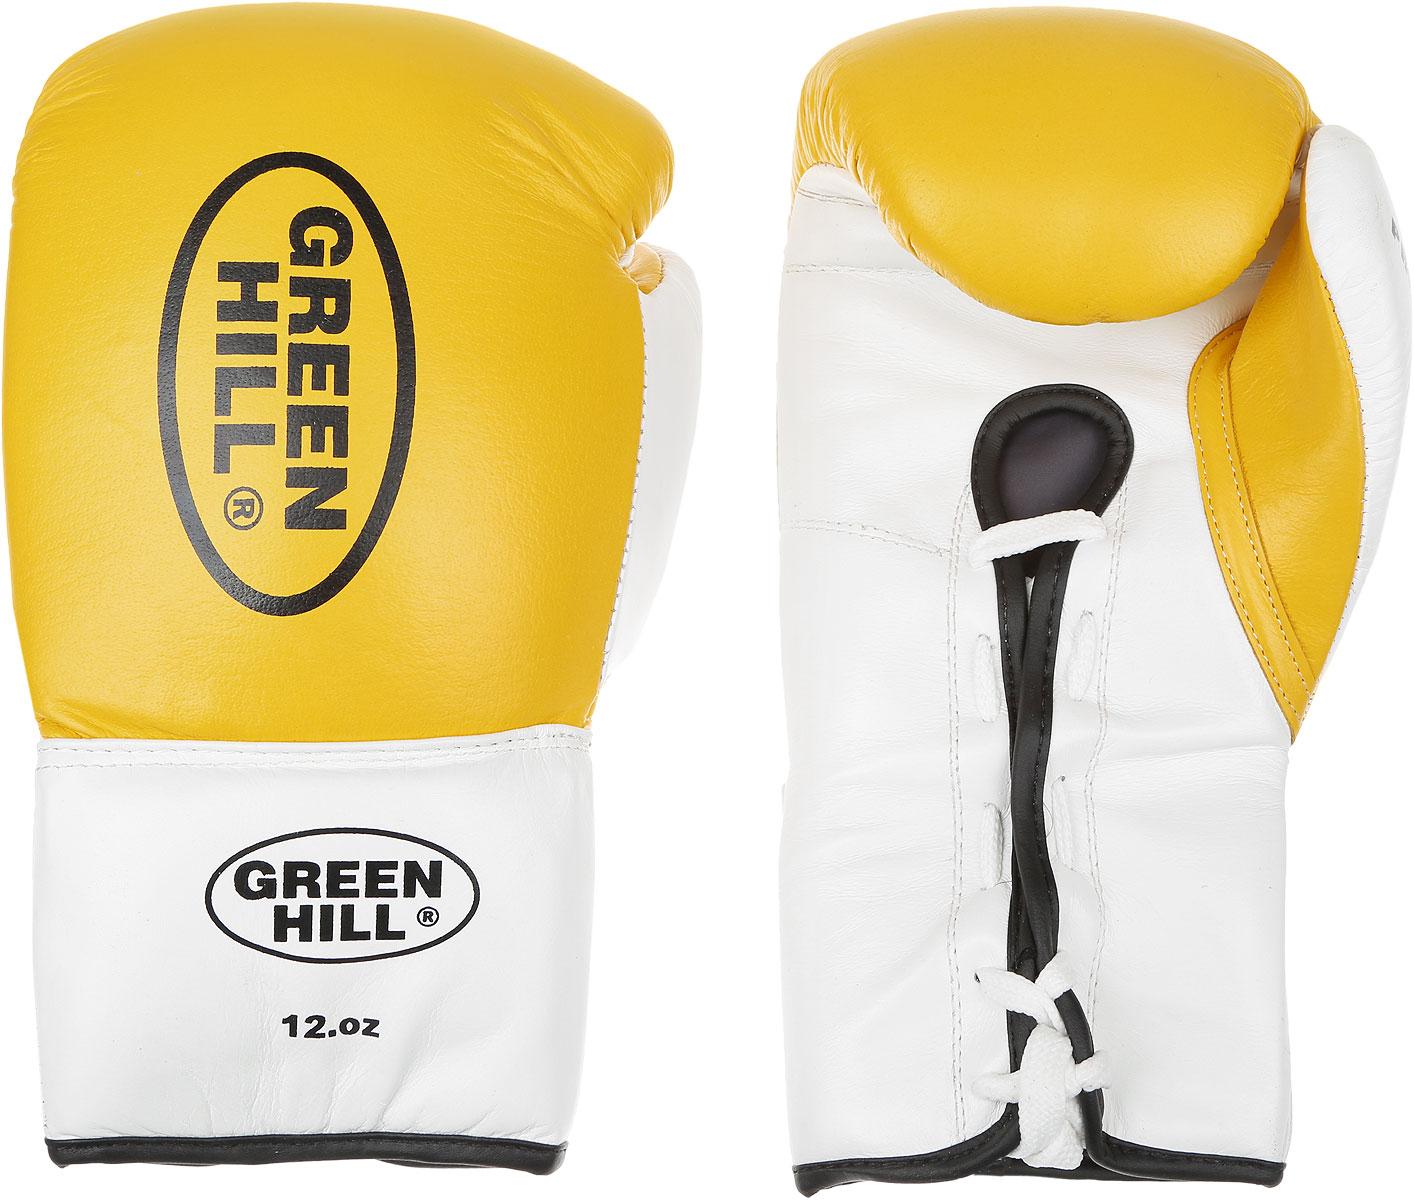 Перчатки боксерские Green Hill Proffi, цвет: желтый, черный, белый. Вес 12 унций. BGP-2014AP02013Боксерские перчатки Green Hill Proffi предназначены для использования профессионалами. Верх выполнен из натуральной кожи, наполнитель - из вспененного полимера. Отверстие в области ладони позволяет создать максимально комфортный терморежим во время занятий. Манжет на шнуровке способствует быстрому и удобному надеванию перчаток, плотно фиксирует перчатки на руке.